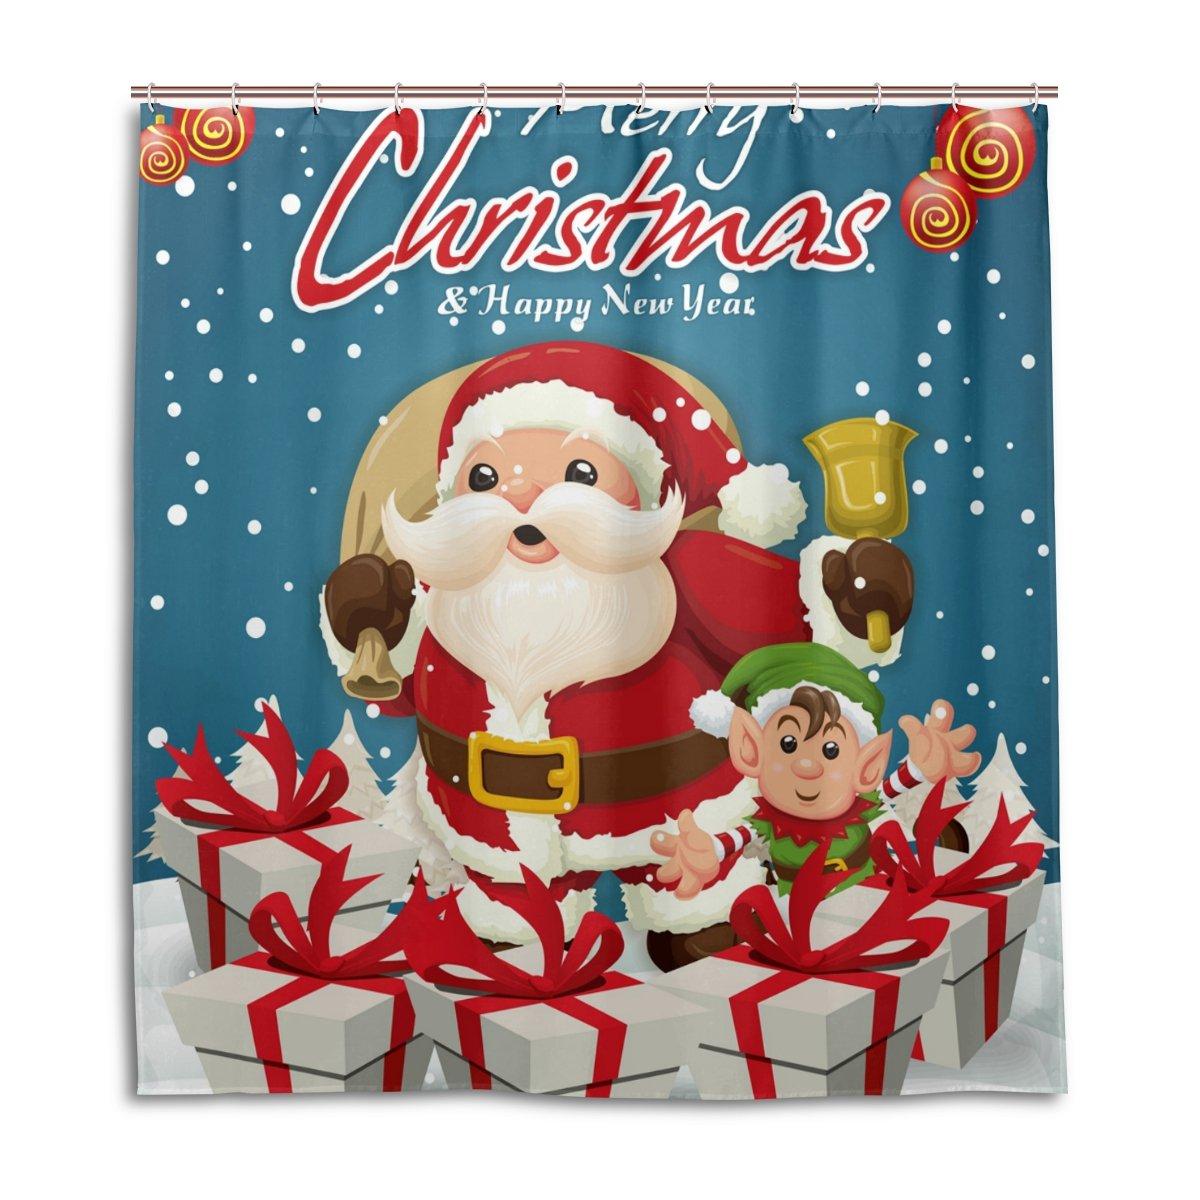 Cortinas de ducha impermeable moho a prueba de molde resistente feliz año nuevo Navidad Papá Noel tema lavable polyseter diseño cortina de baño con ganchos ...